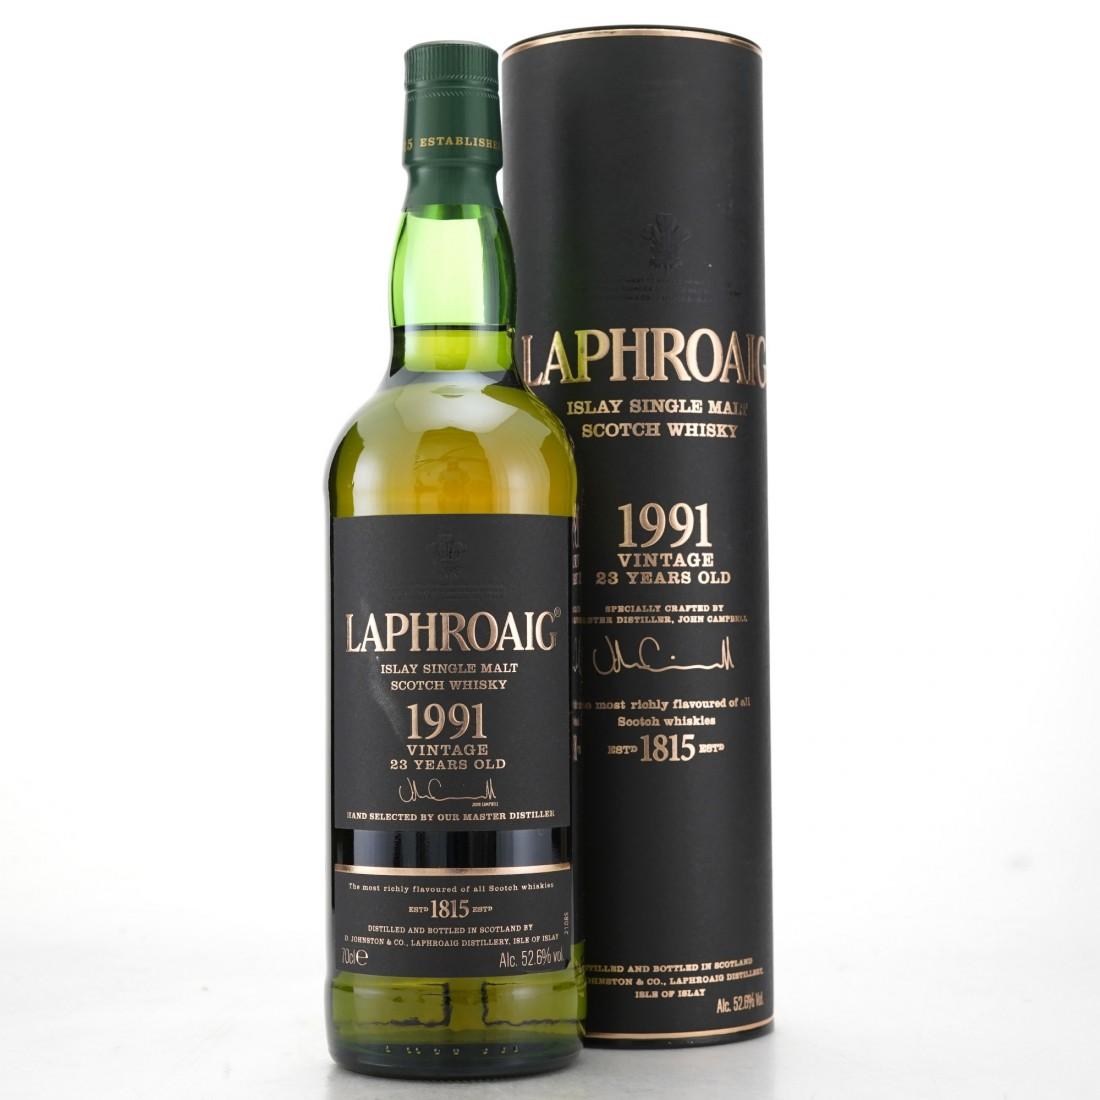 Laphroaig 1991 Vintage 23 Year Old / Germany